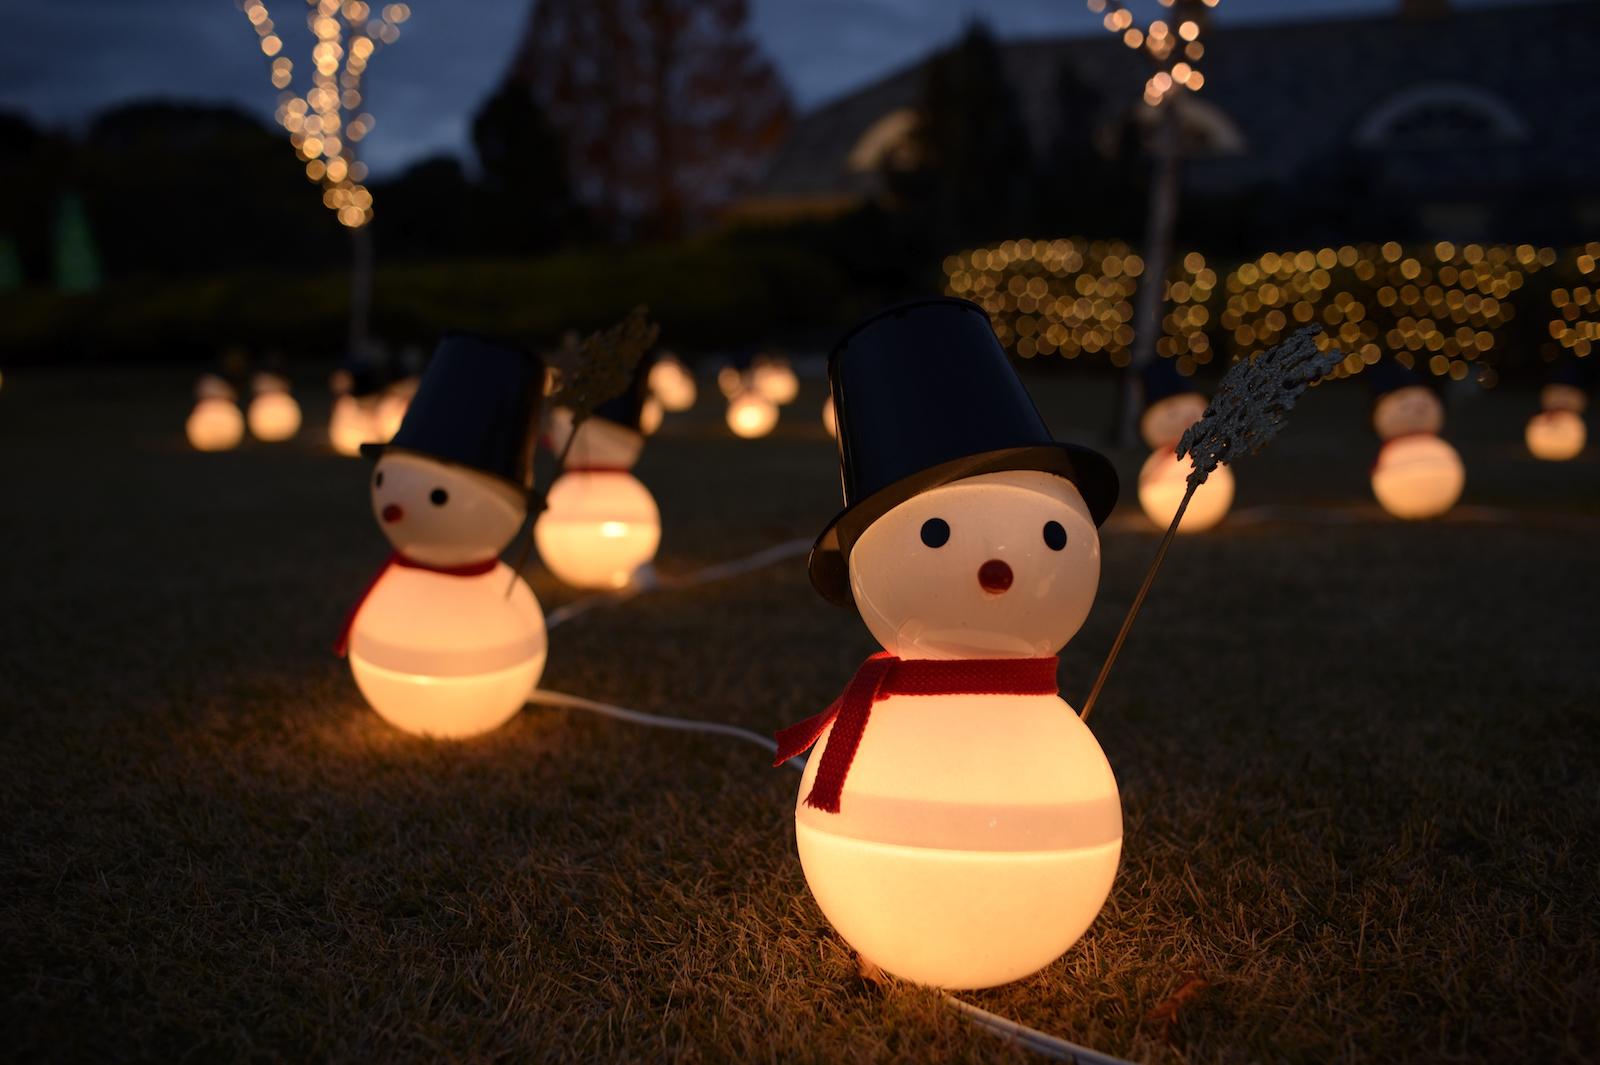 Hintergrundbilder : Nacht-, Schneemann, Nikon, Weihnachten, Urlaub ...